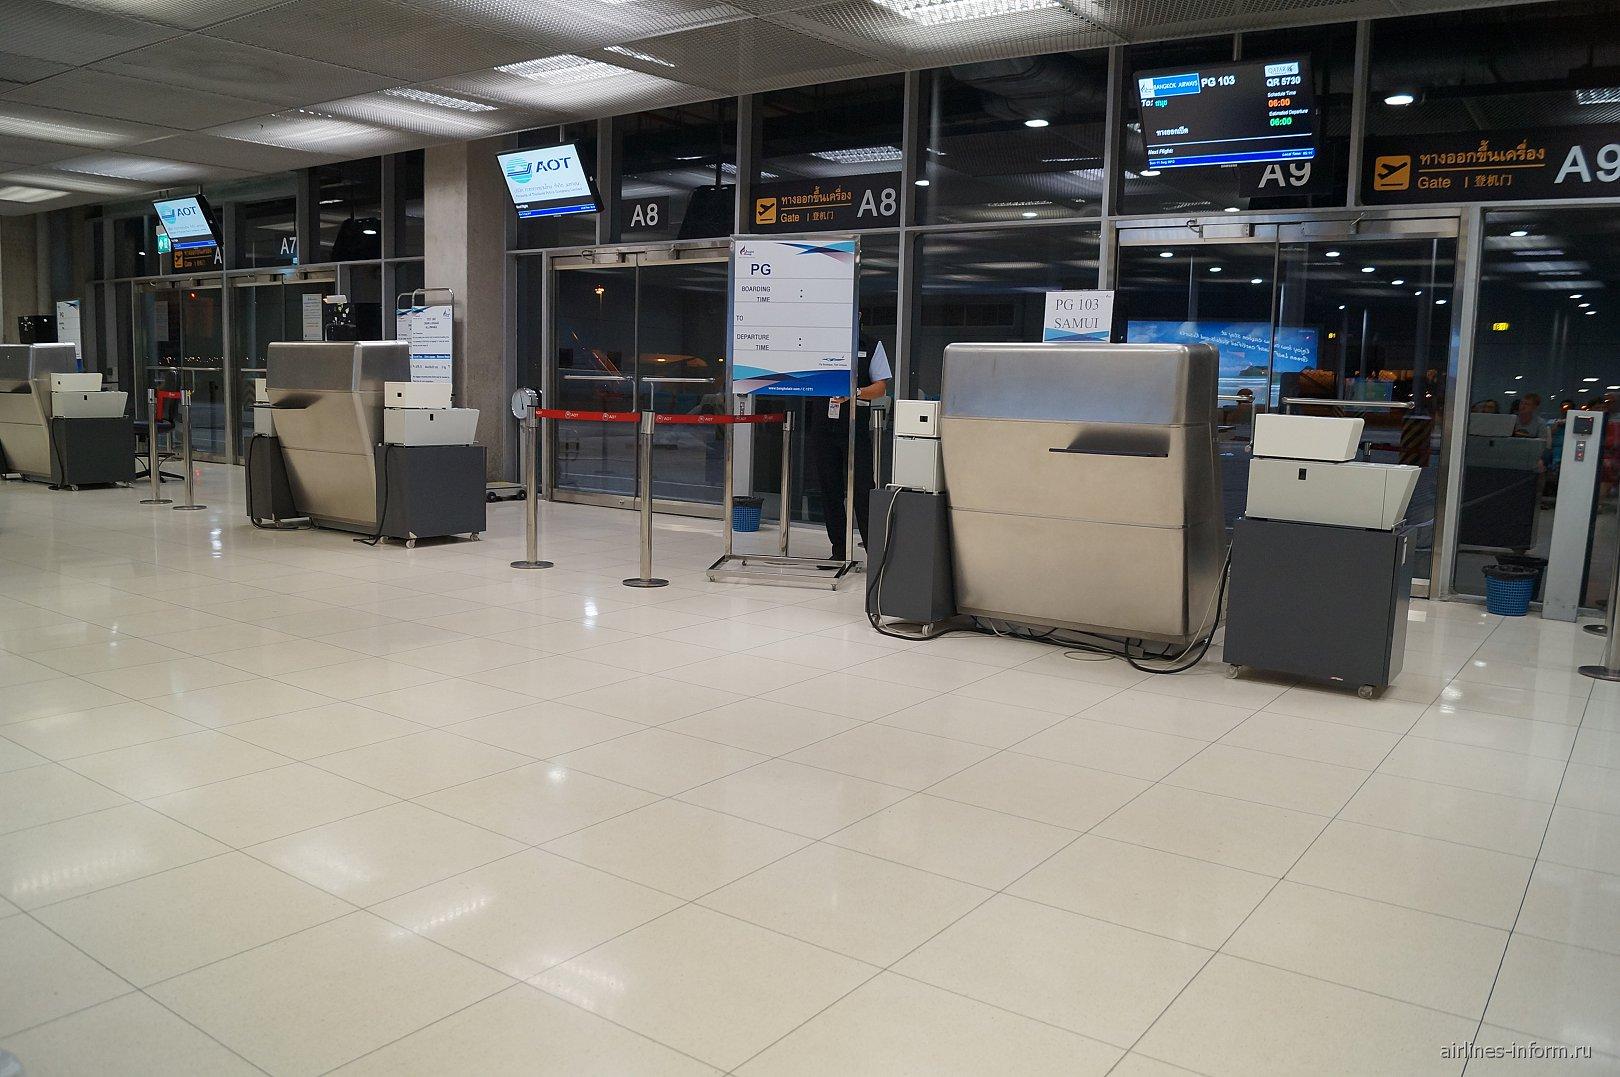 Выходы на посадку в аэропорта Бангкок Суварнабуми